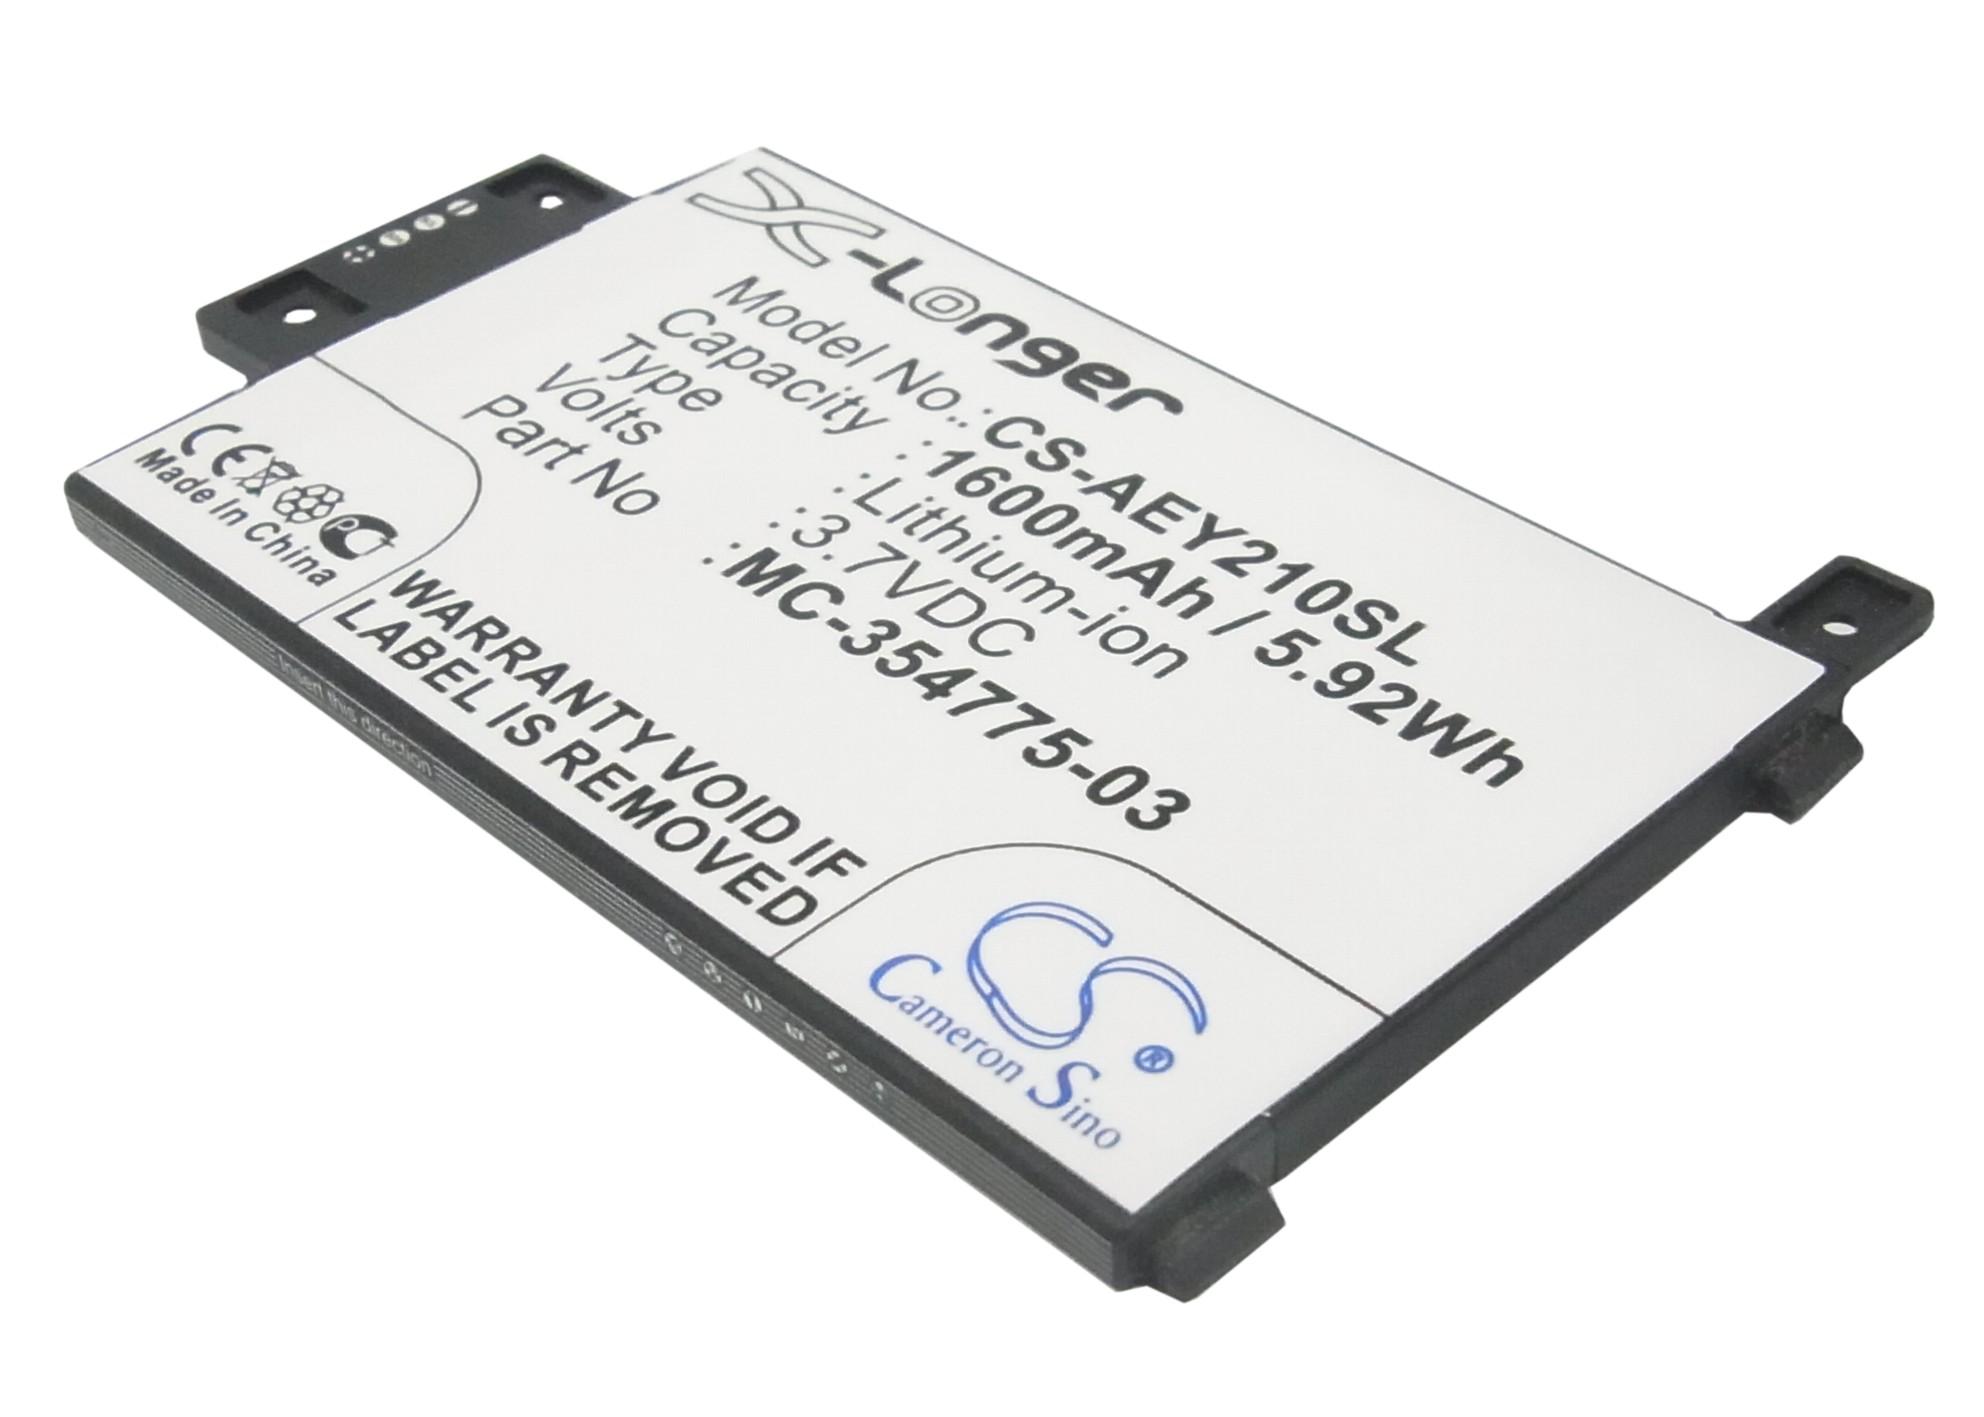 """Cameron Sino baterie do elektronických čteček knih pro AMAZON Kindle Touch 3G 6"""" 2014 Version 3.7V Li-ion 1600mAh černá - neoriginální"""